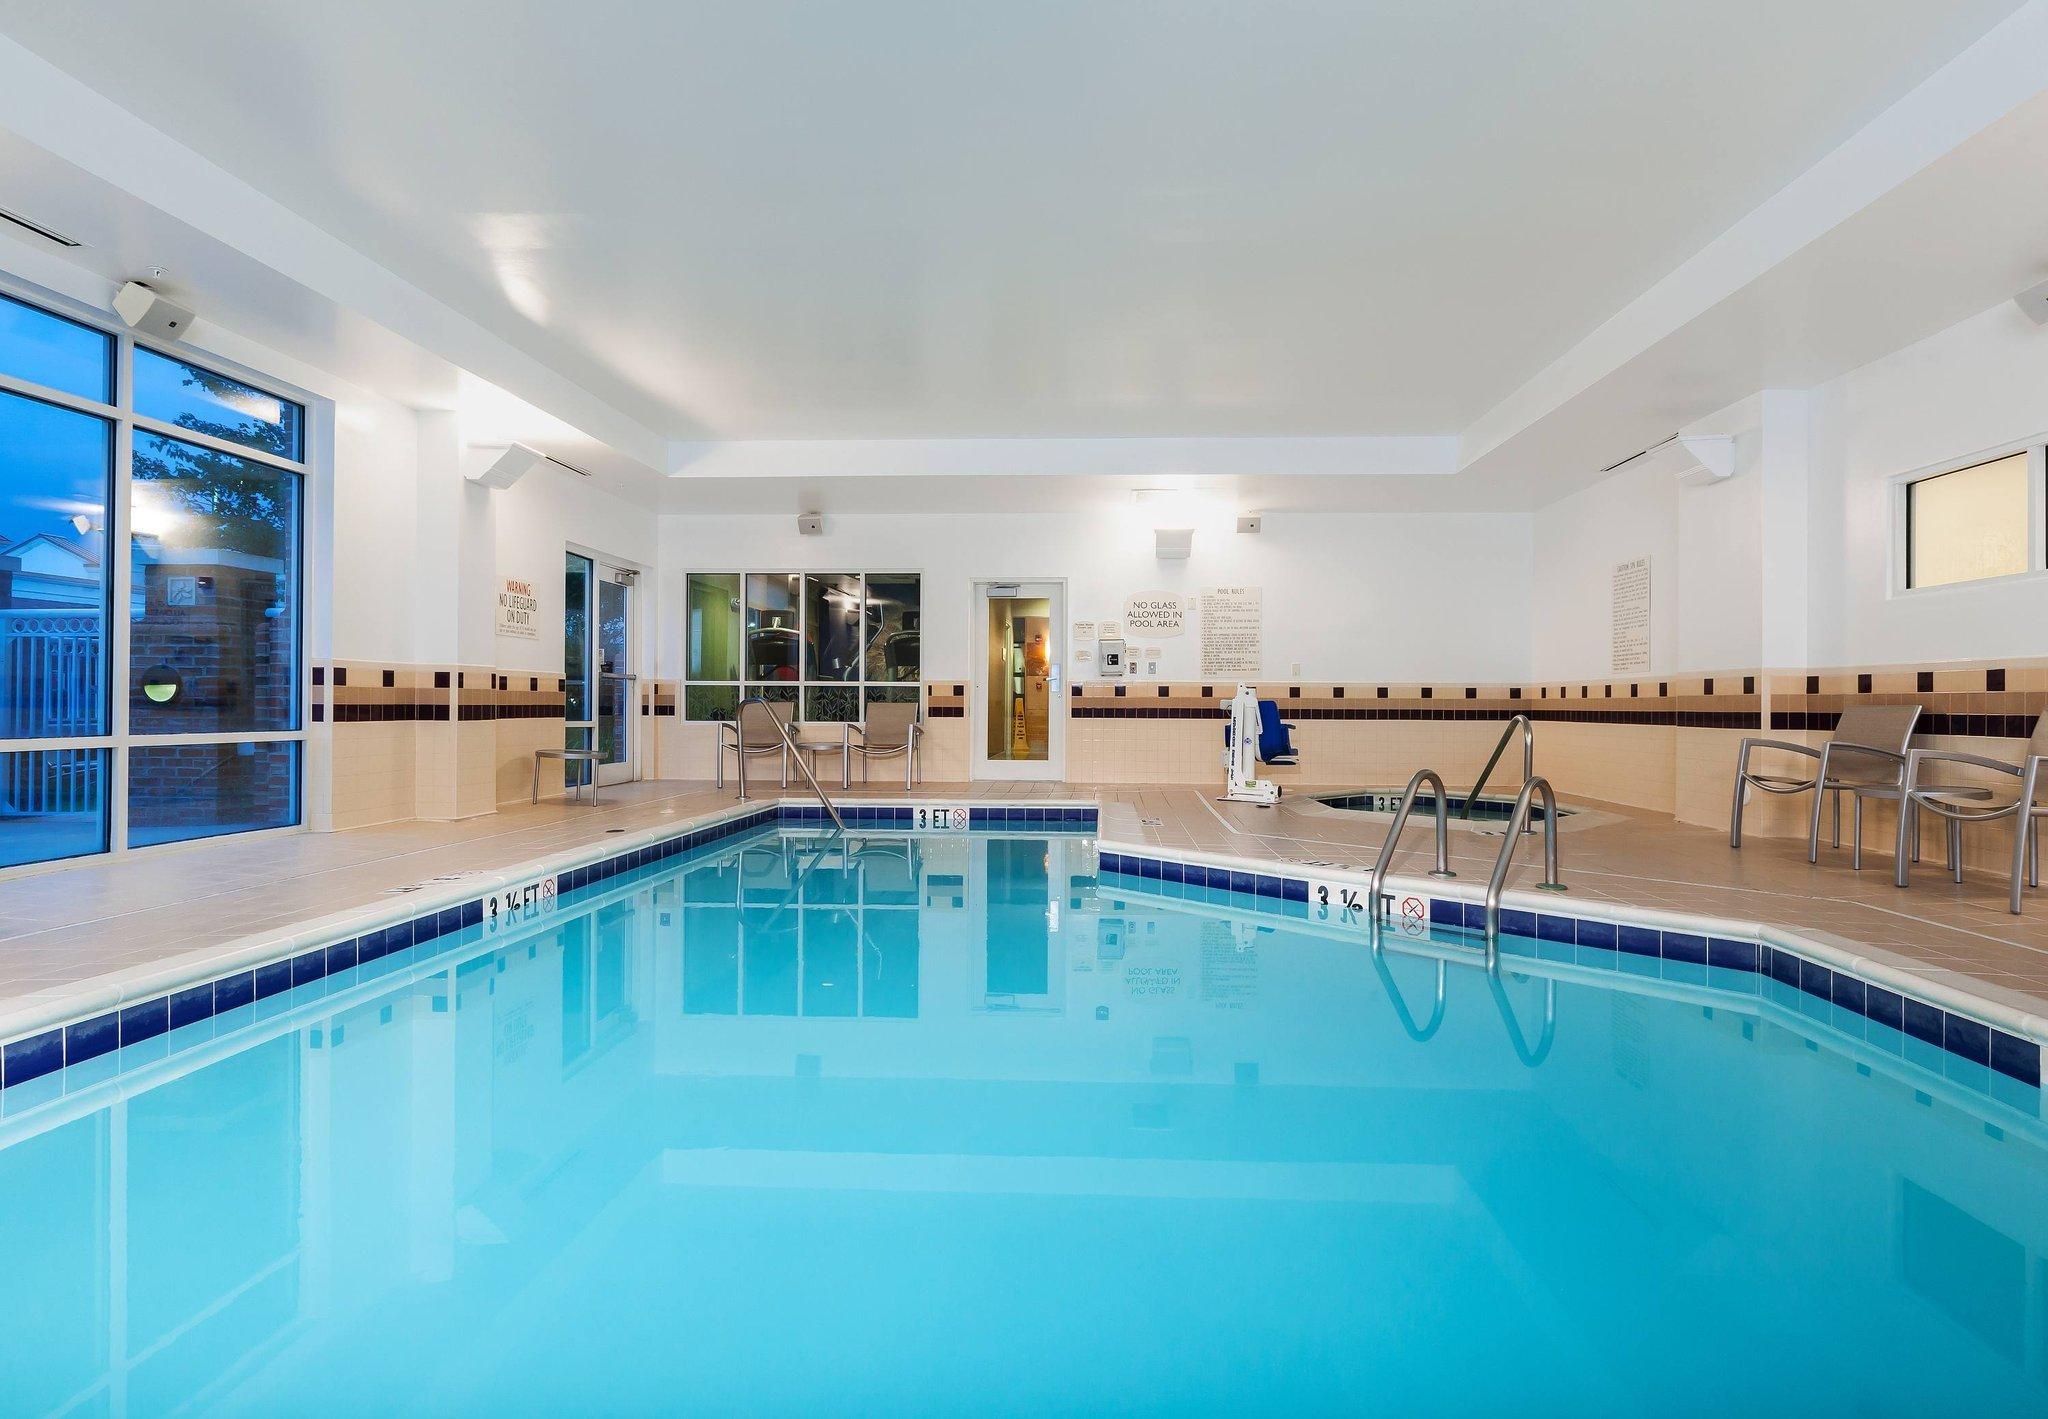 夏洛特諾曼湖/莫爾斯威爾 SpringHill Suites 飯店